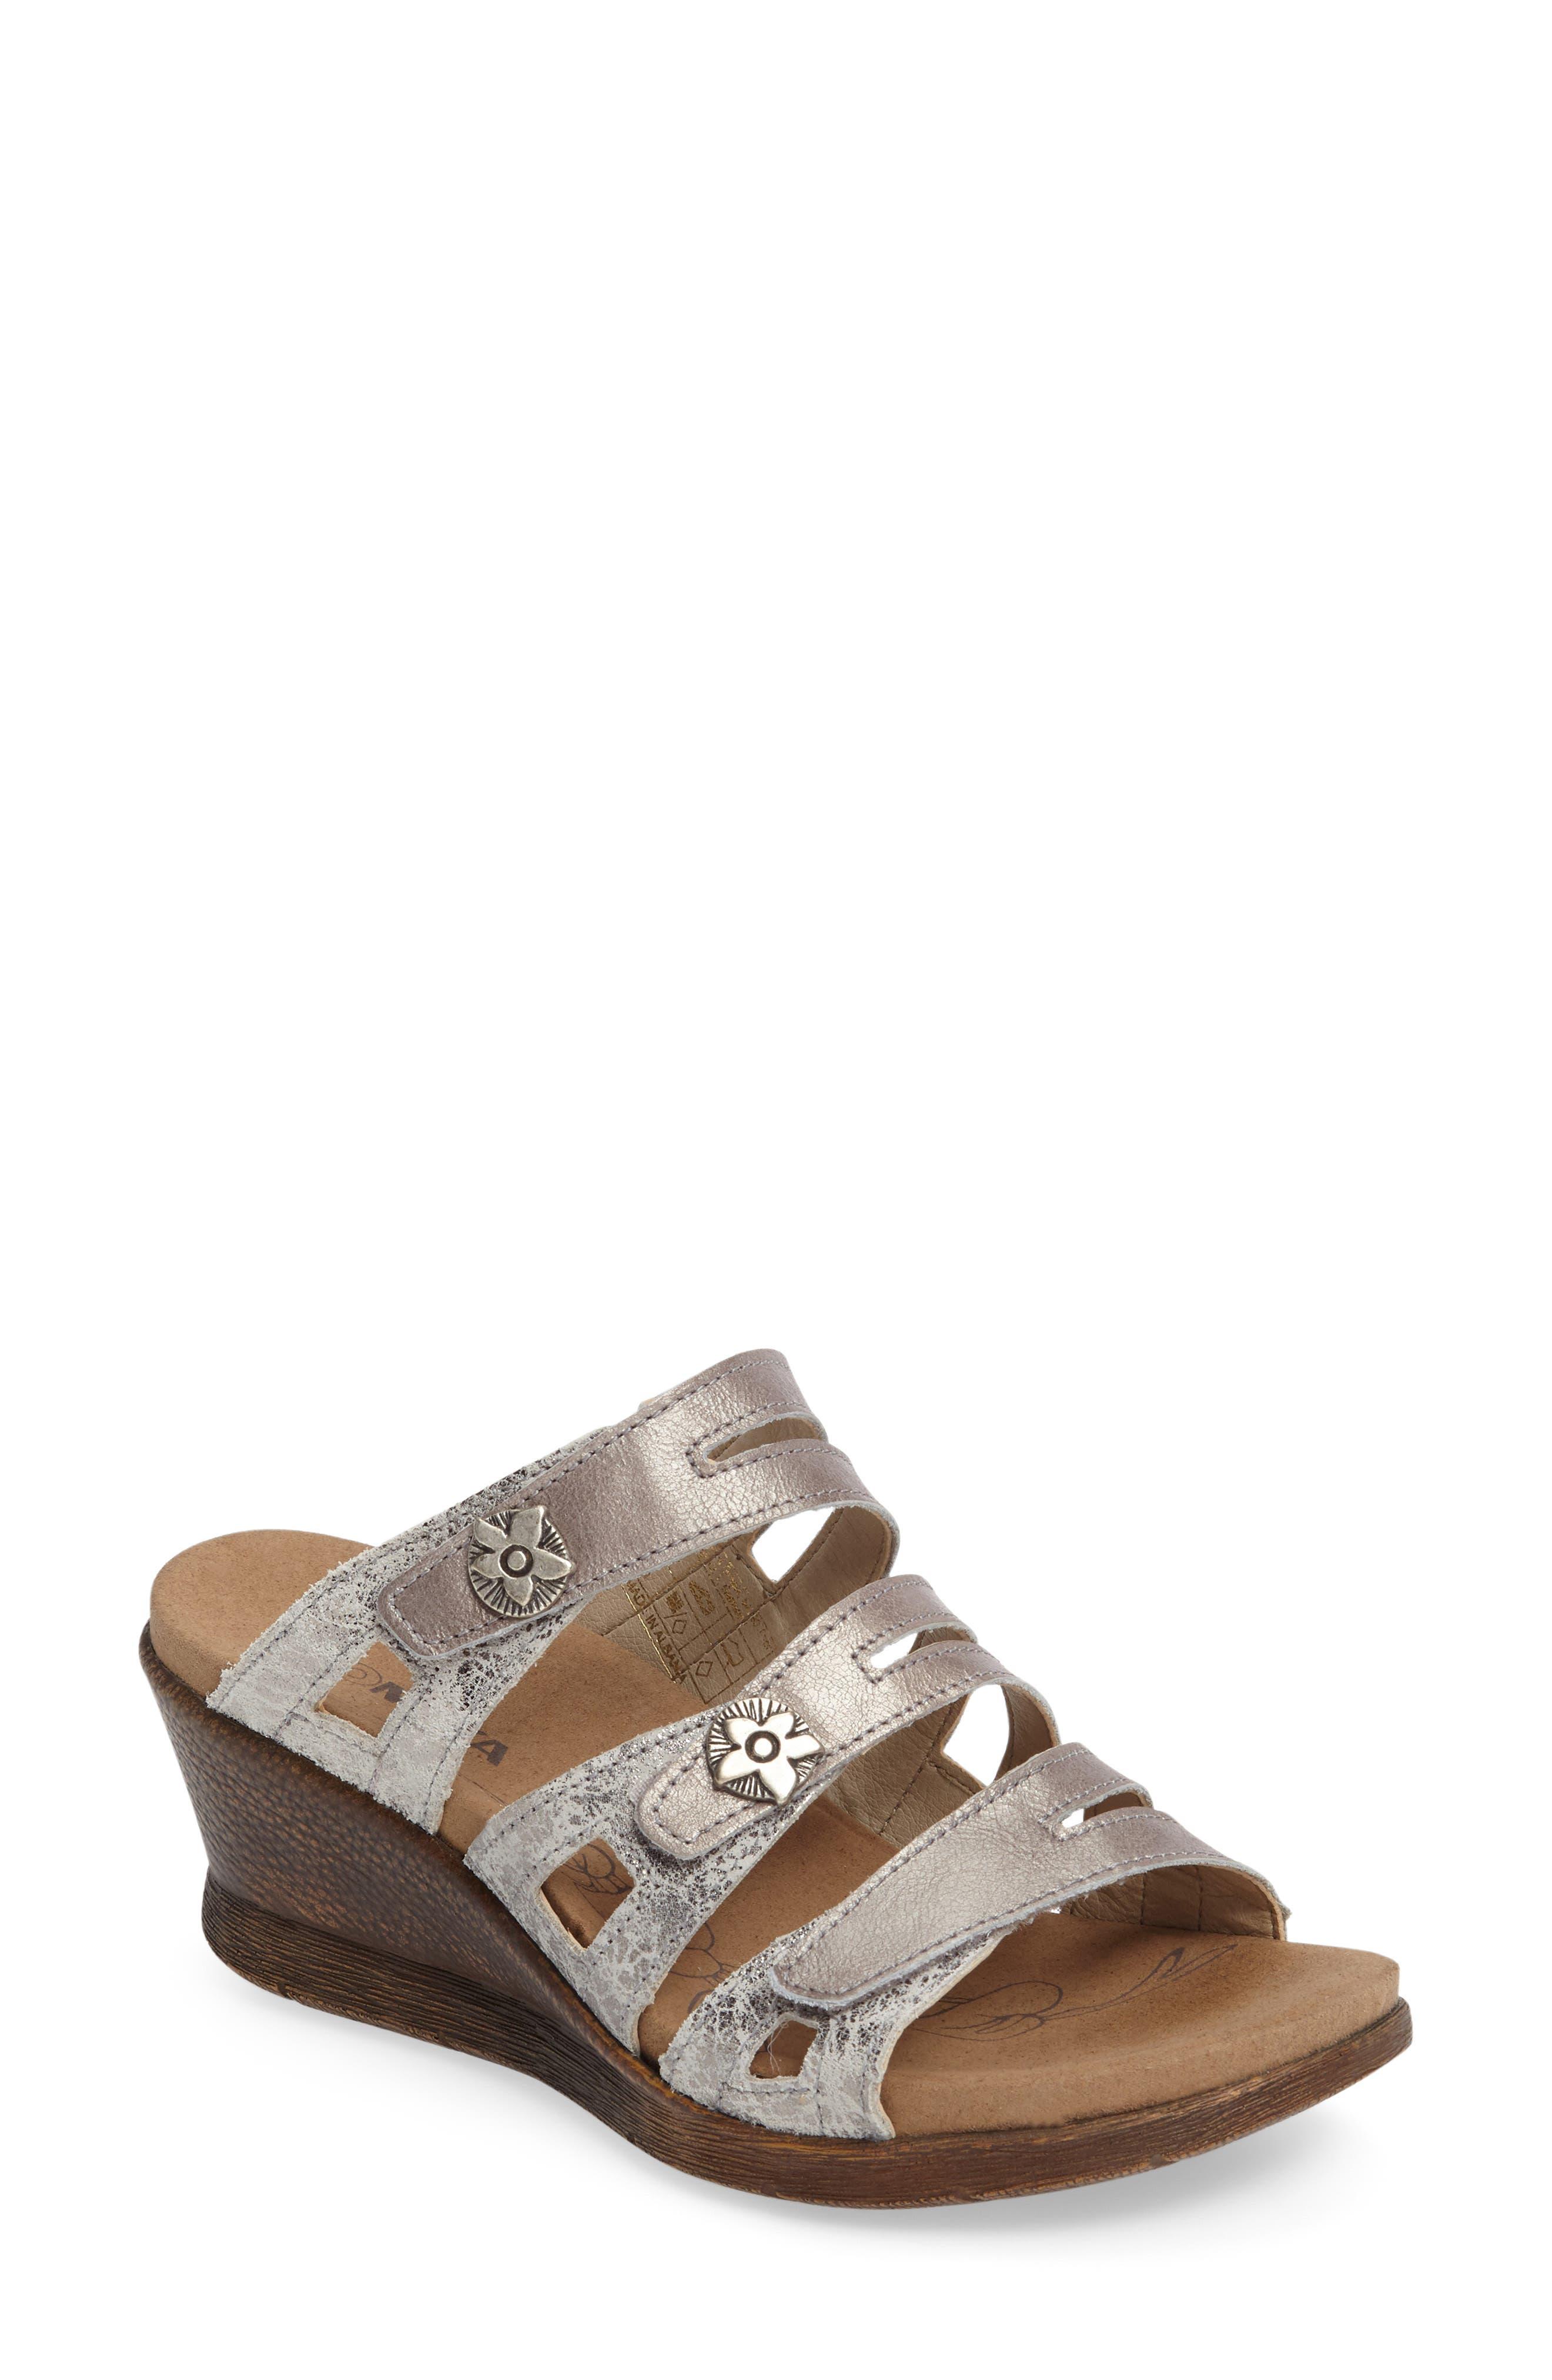 Alternate Image 1 Selected - Romika® Nevis 04 Sandal (Women)